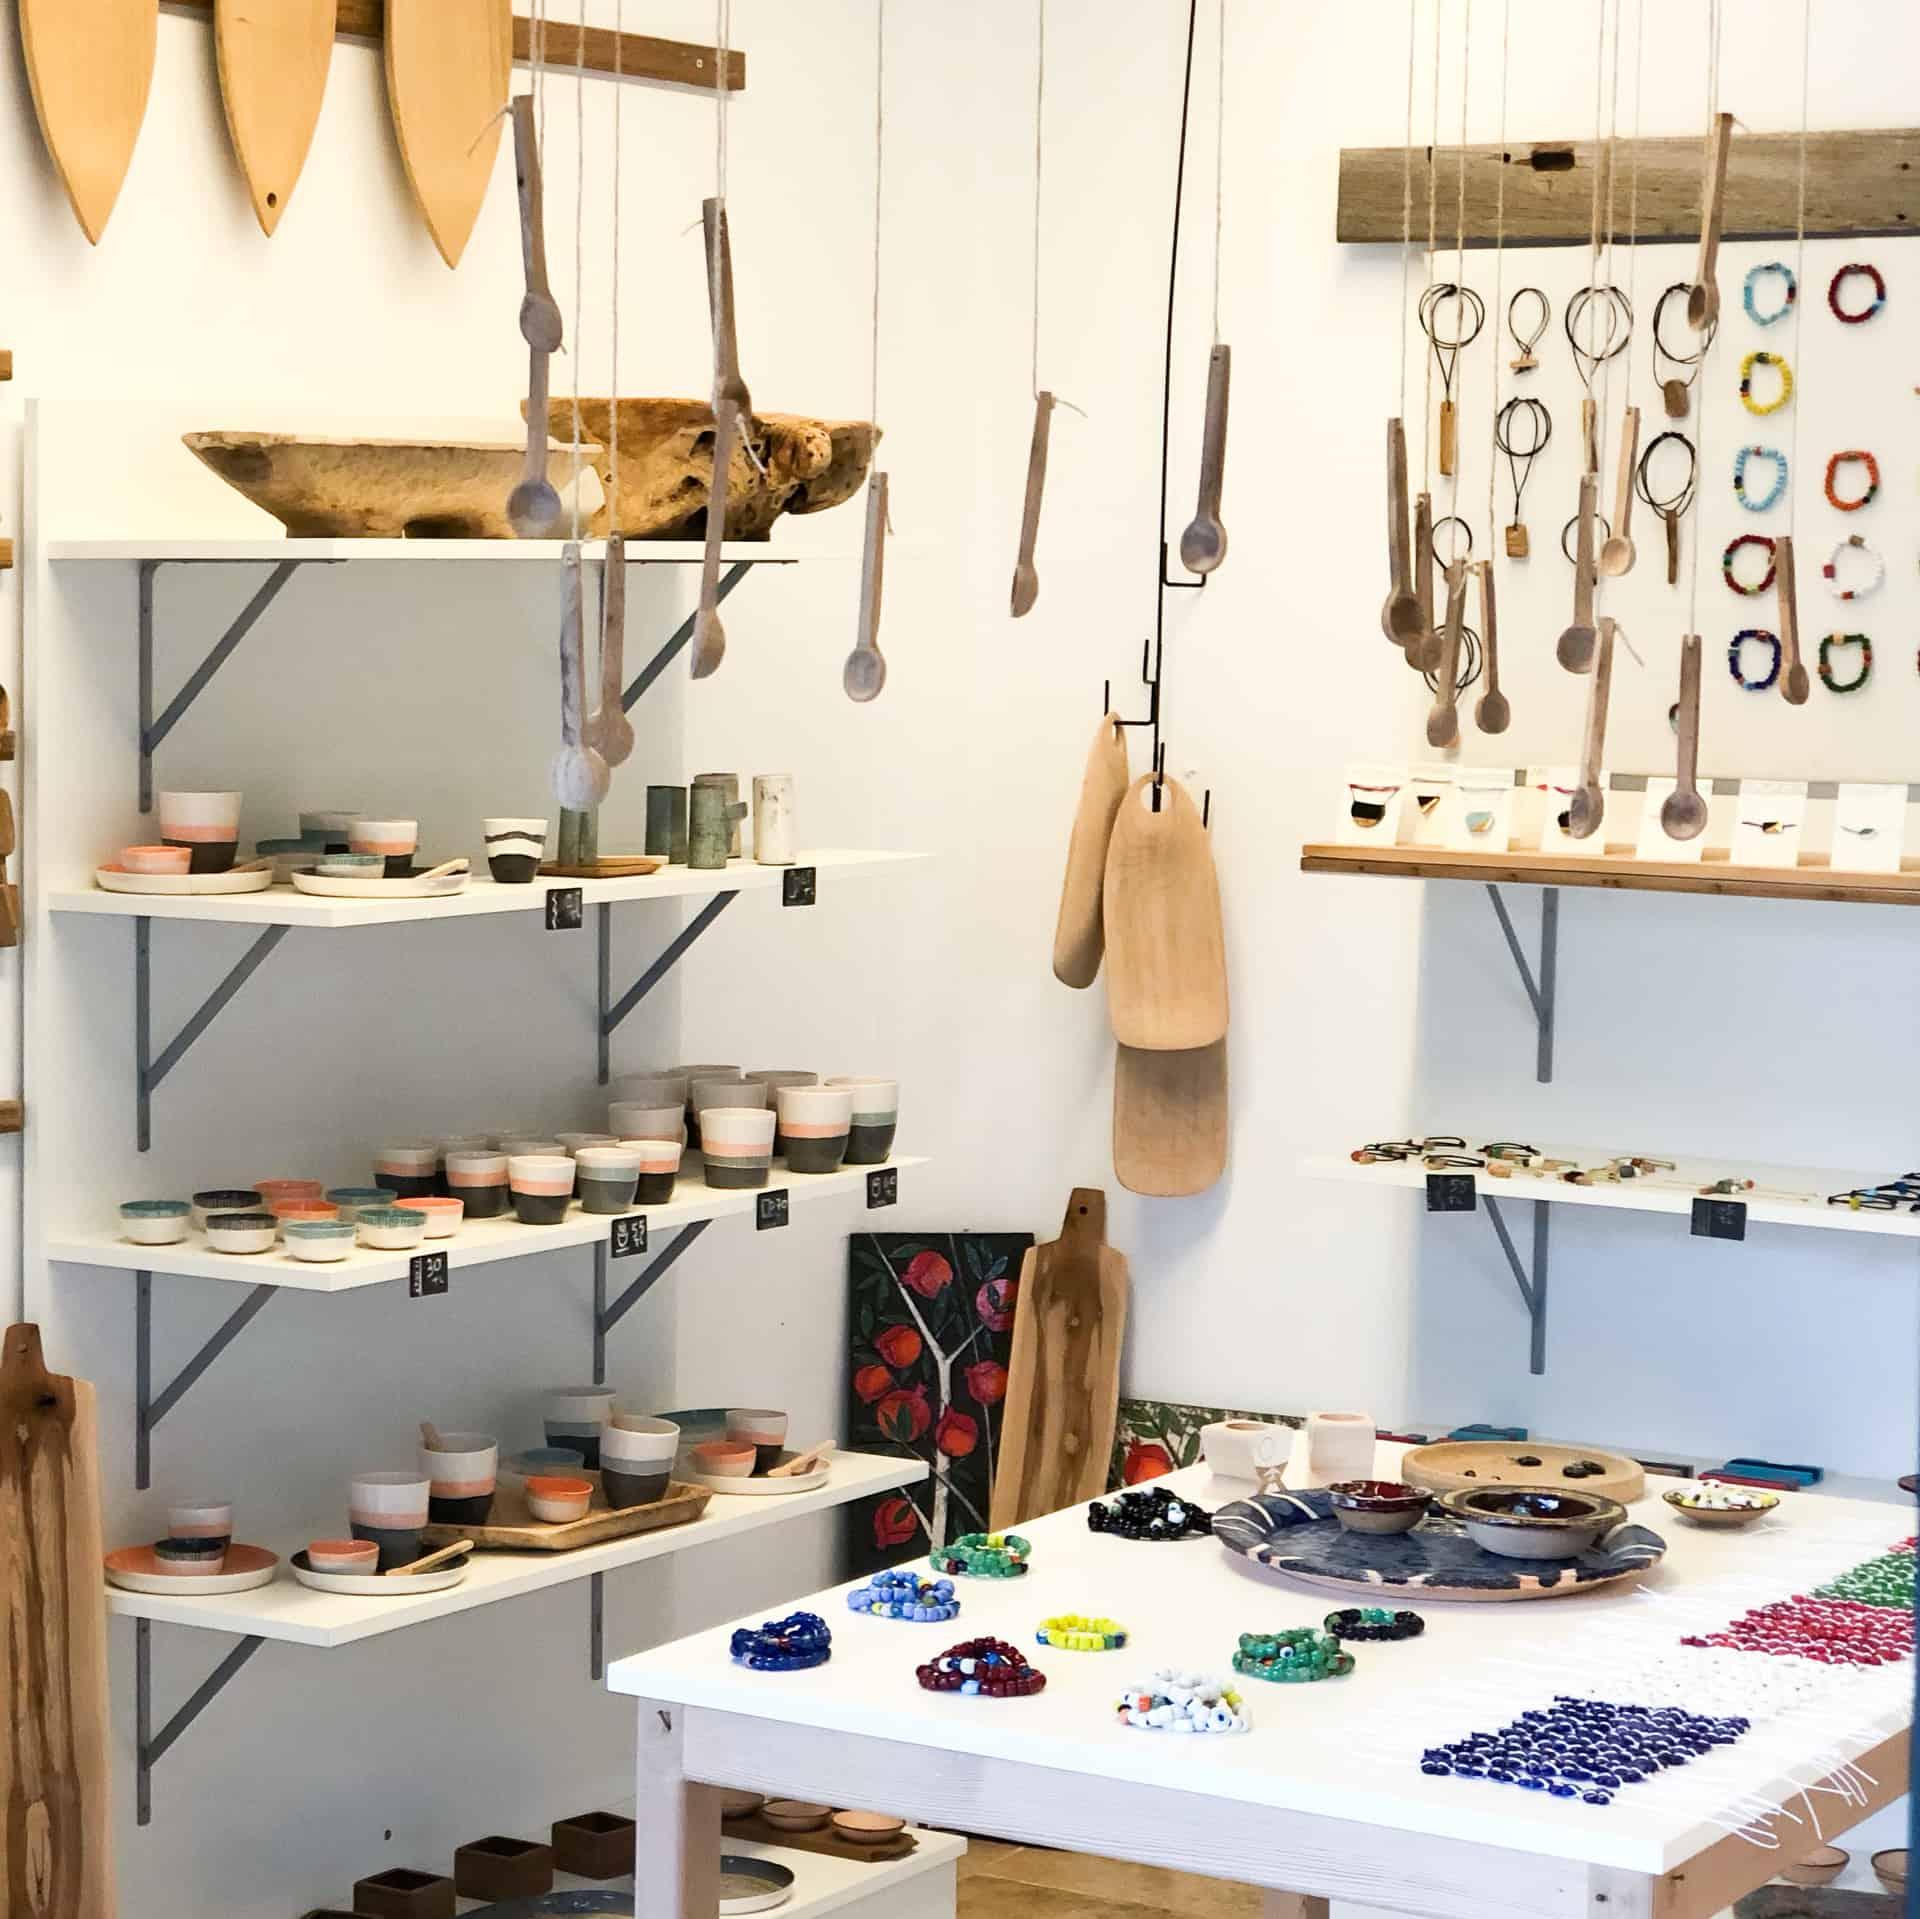 Kılçık concept handmade wooden kitchenwares made in a Turkish workshop